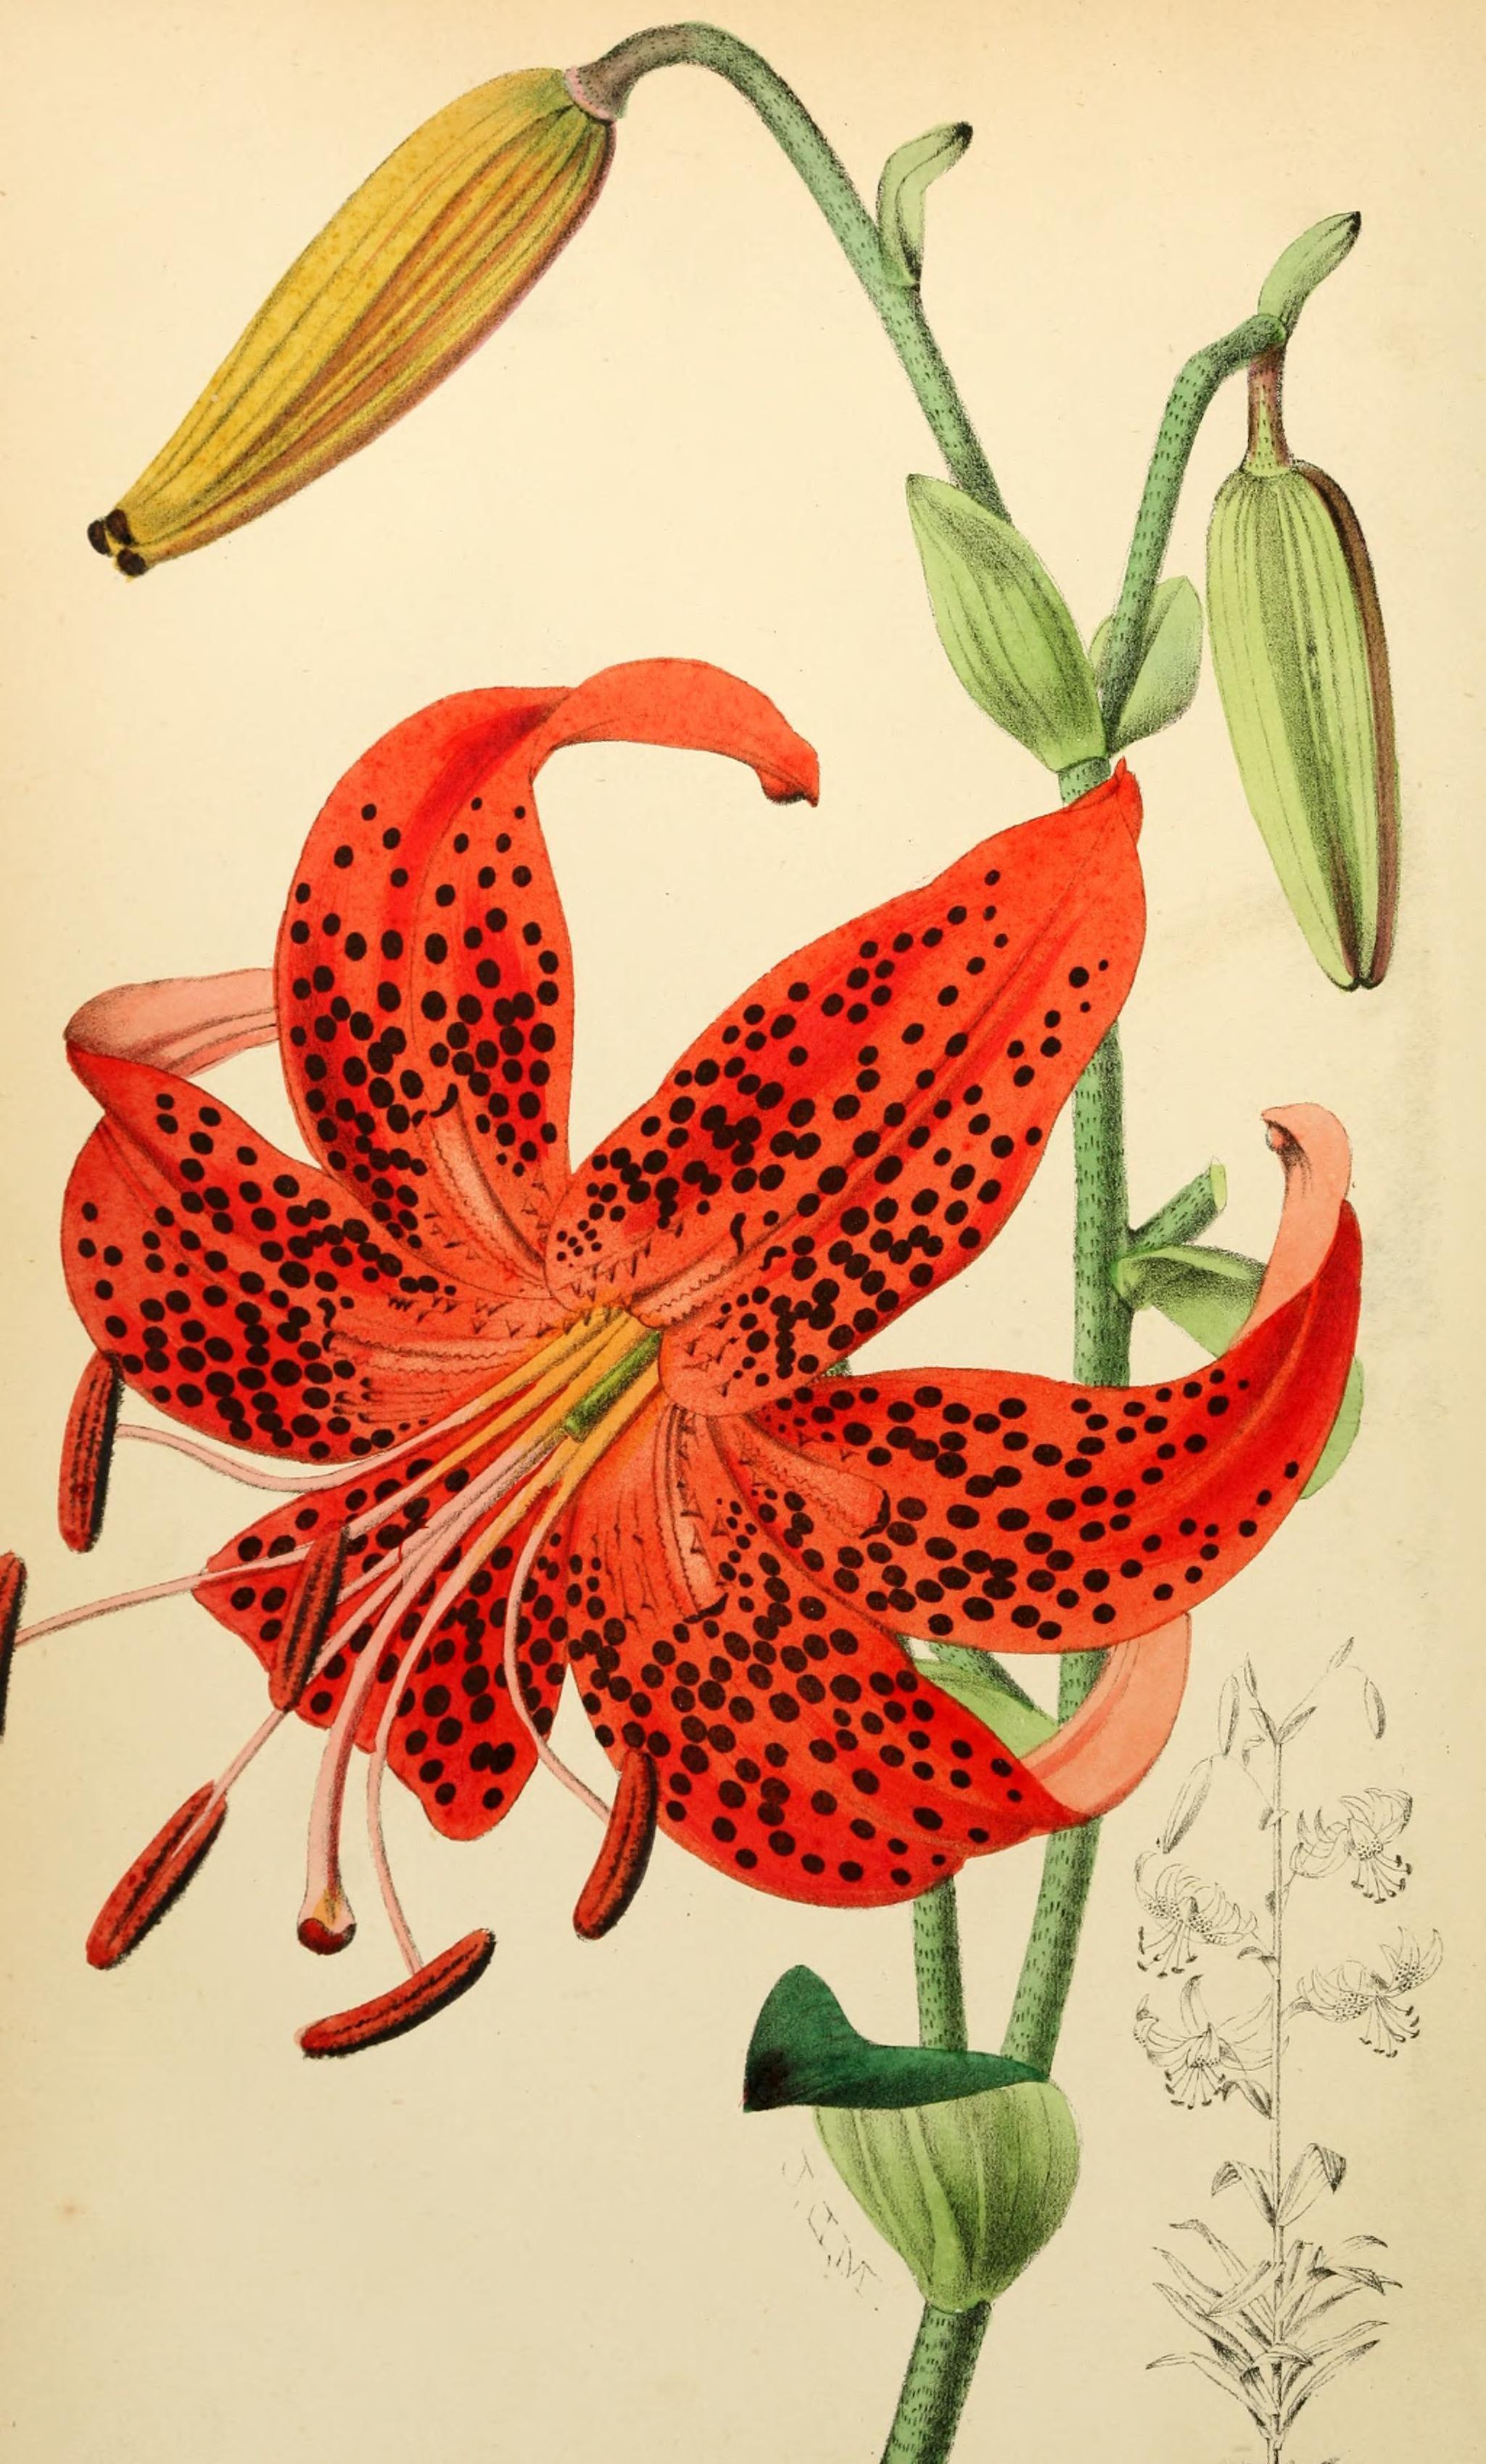 Tiger Lily Lilium lancifolium circa 1873